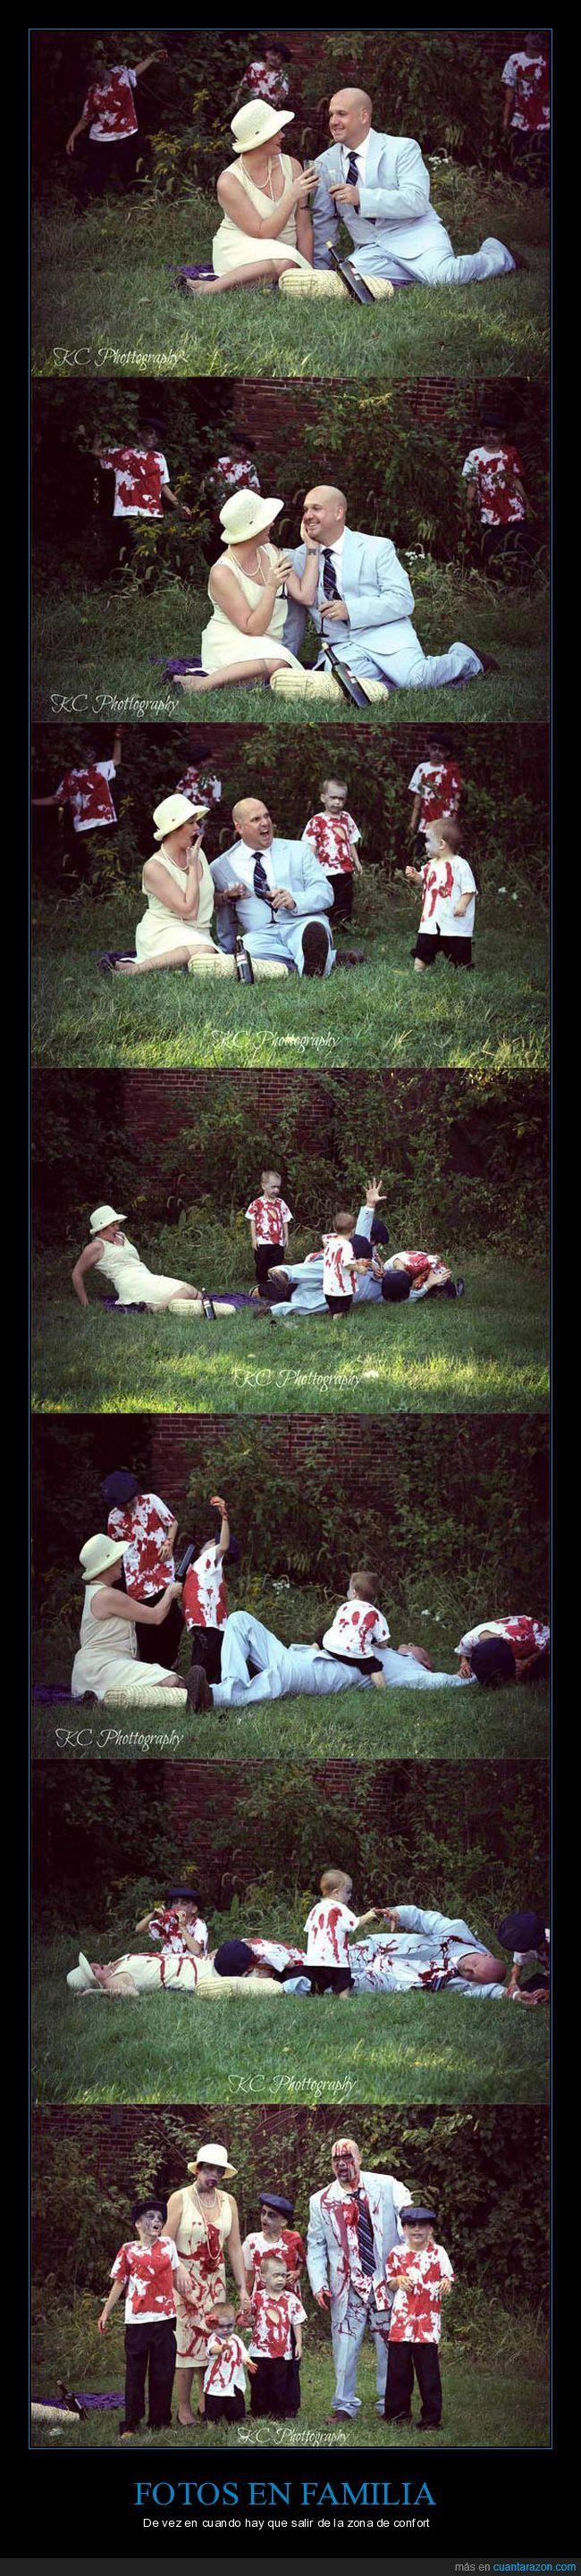 Esta familia se hace una sesión de fotos ambientada en zombies que vas a querer imitar - De vez en cuando hay que salir de la zona de confort   Gracias a http://www.cuantarazon.com/   Si quieres leer la noticia completa visita: http://www.skylight-imagen.com/esta-familia-se-hace-una-sesion-de-fotos-ambientada-en-zombies-que-vas-a-querer-imitar-de-vez-en-cuando-hay-que-salir-de-la-zona-de-confort/